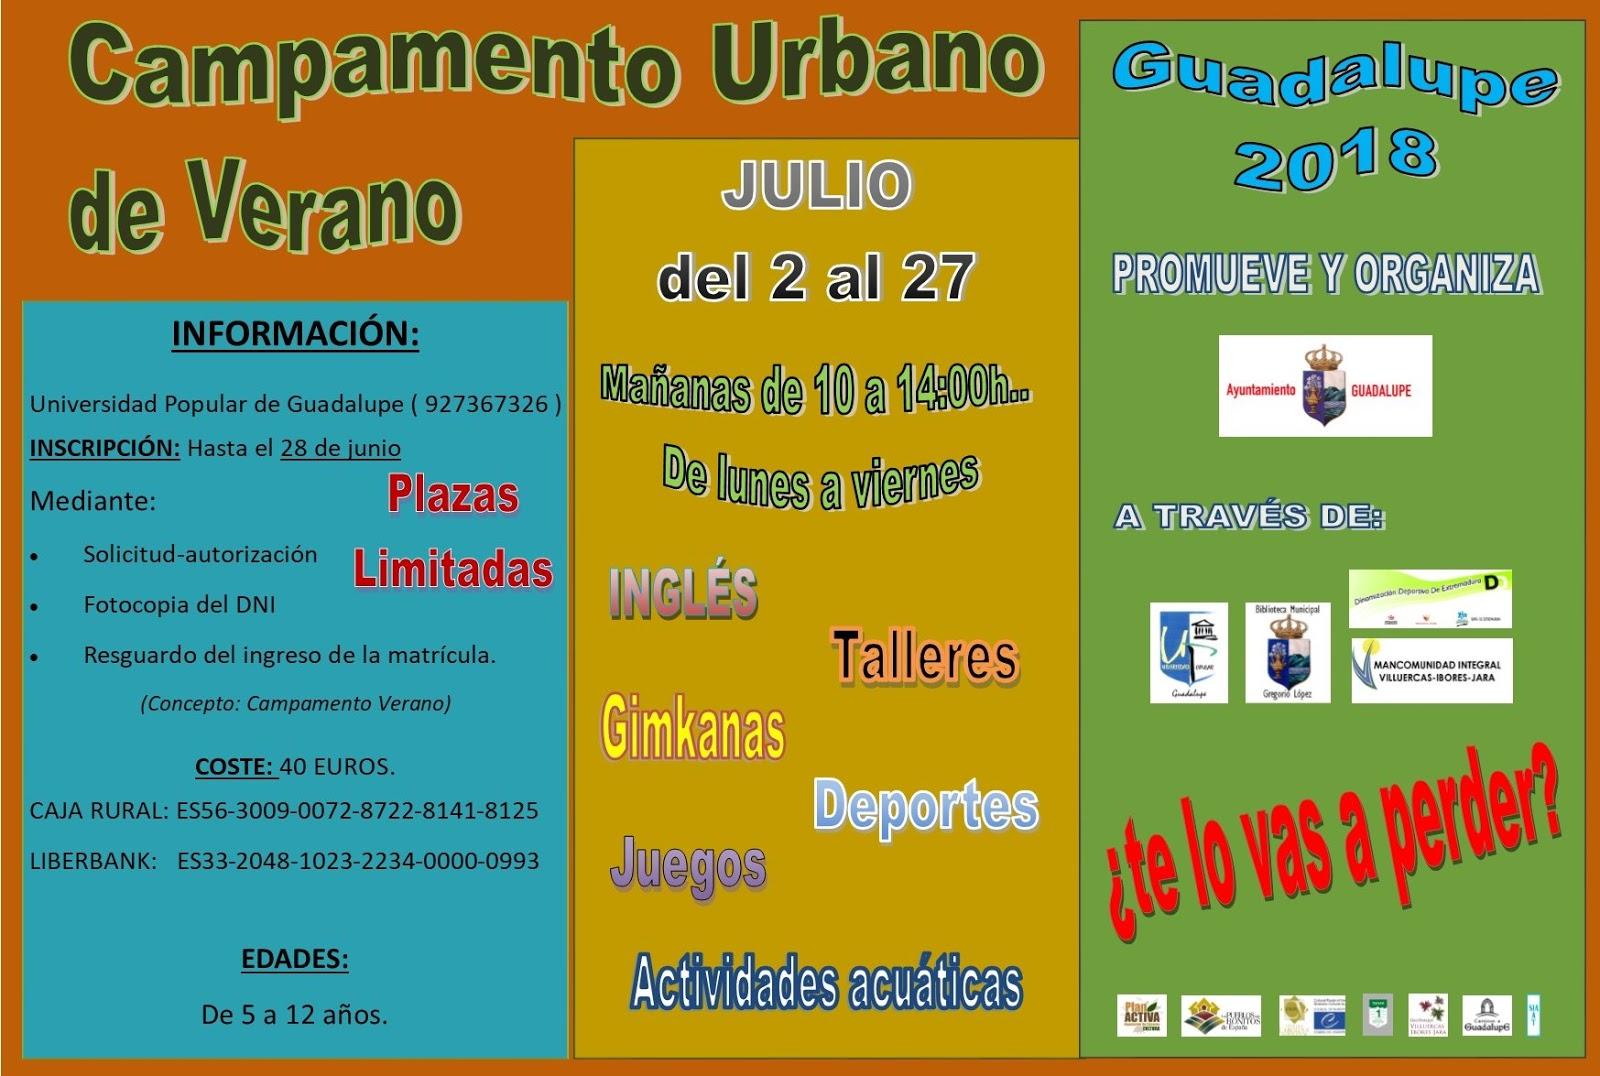 Campamento urbano de verano 2018 - Guadalupe